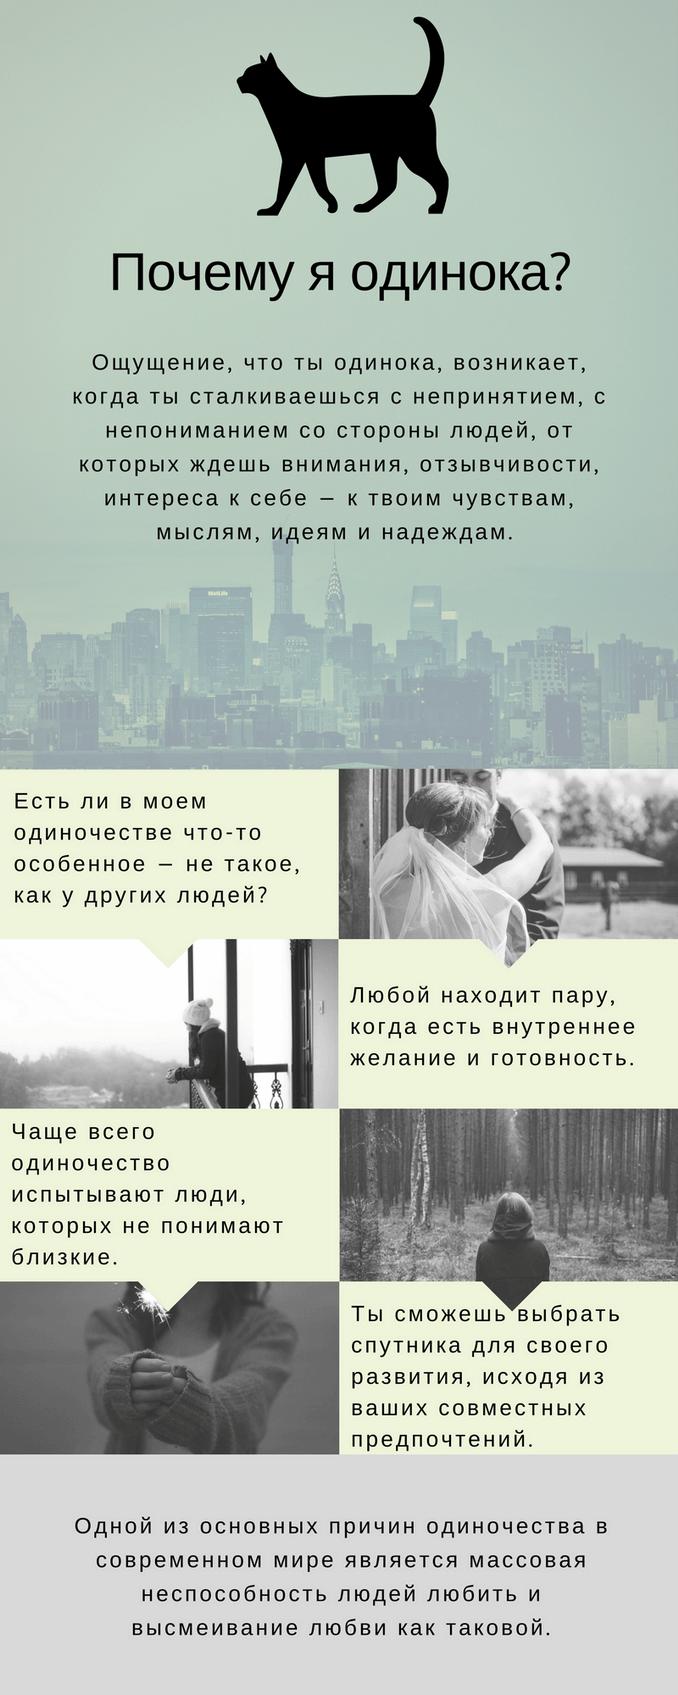 Жизнь в одиночестве. одиночество как психологическая проблема